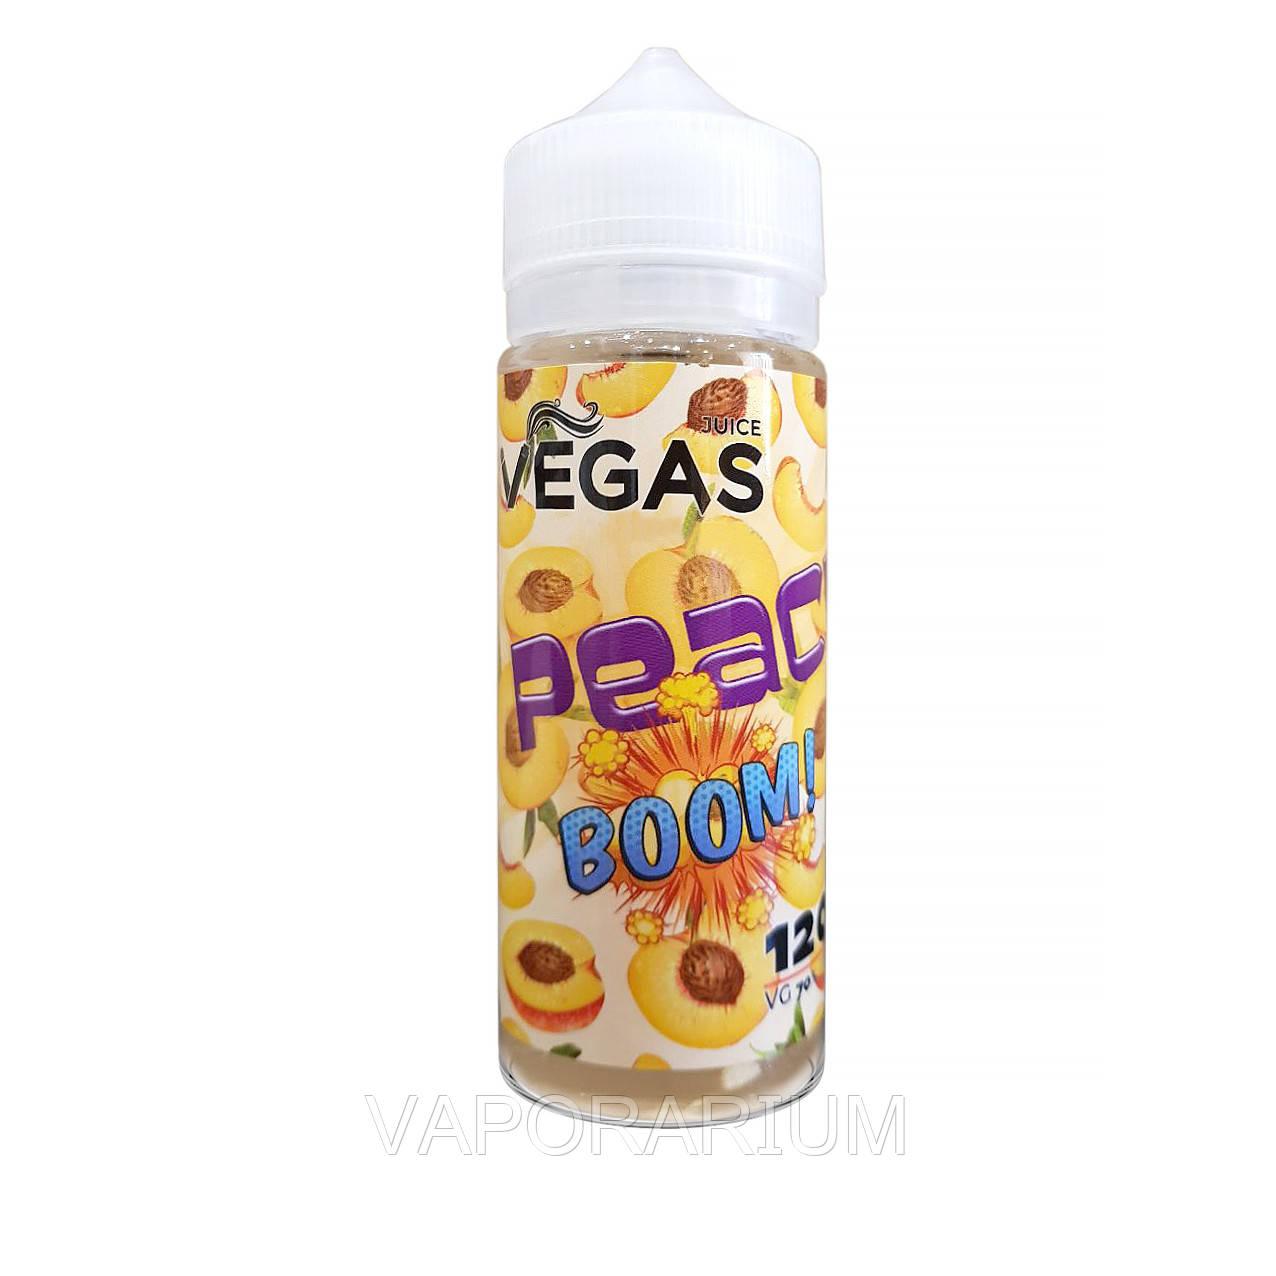 Жидкость для электронных сигарет Vegas Peach Boom 0 мг 120 мл